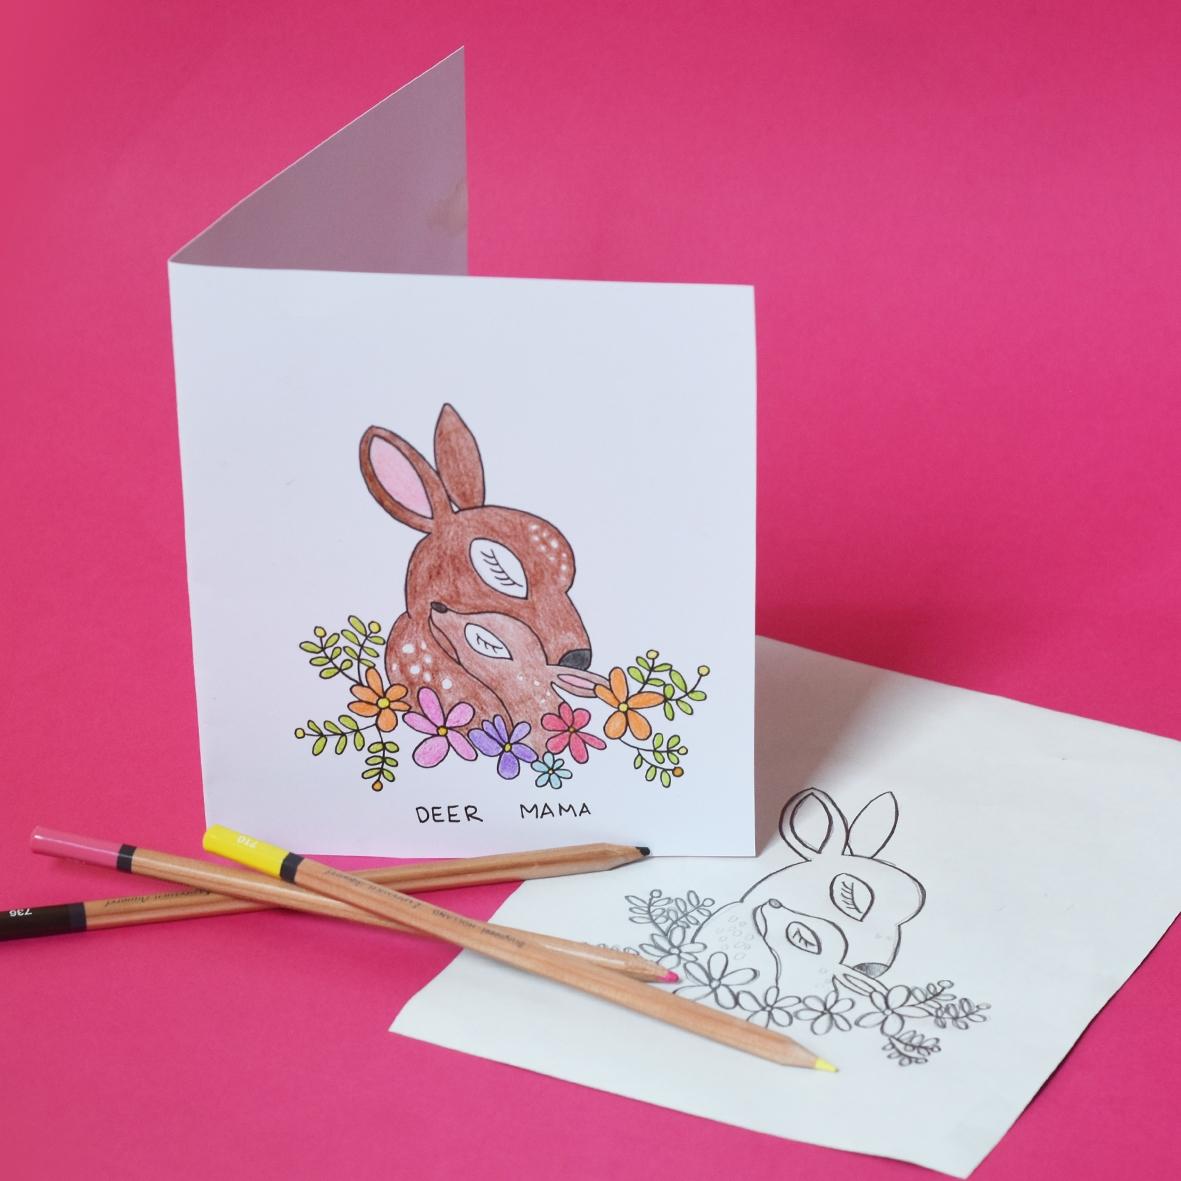 Deer Mama Card